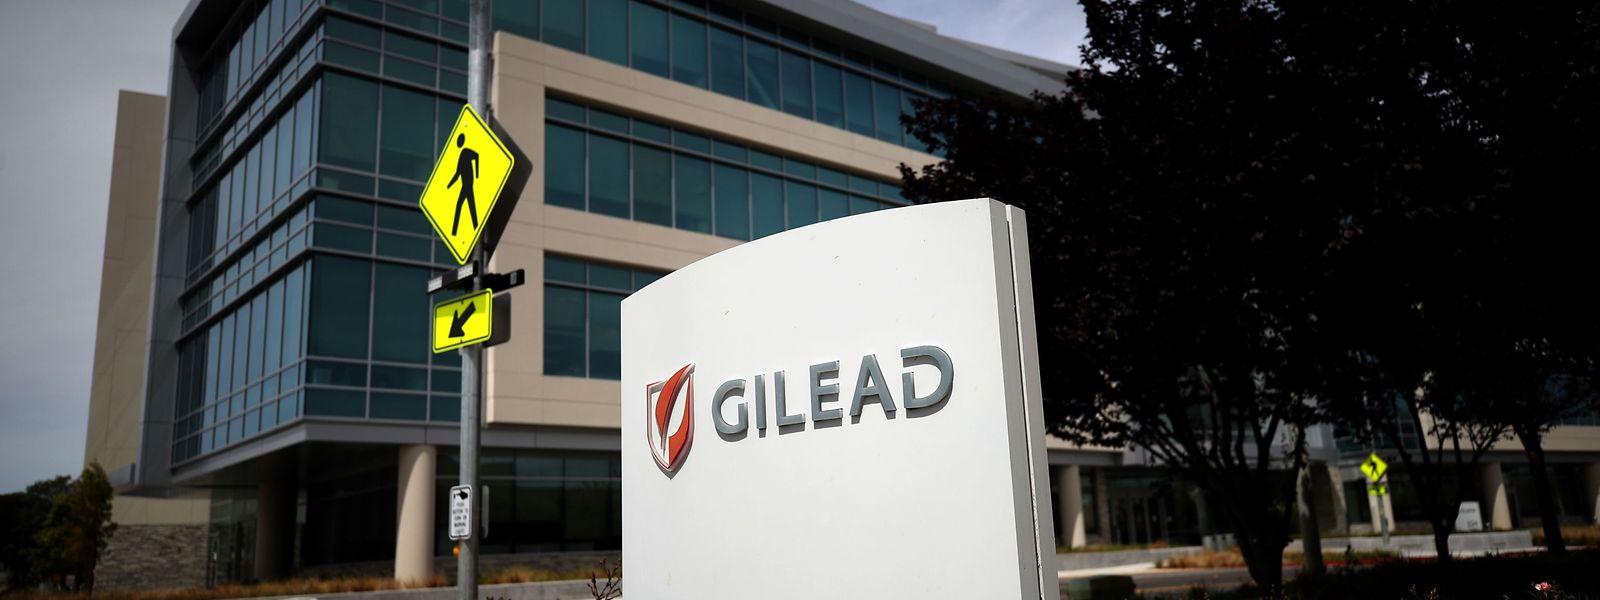 Le siège de Gilead Sciences à Foster City en Californie. Le labo américain développe le médicament expérimental remdesivir.